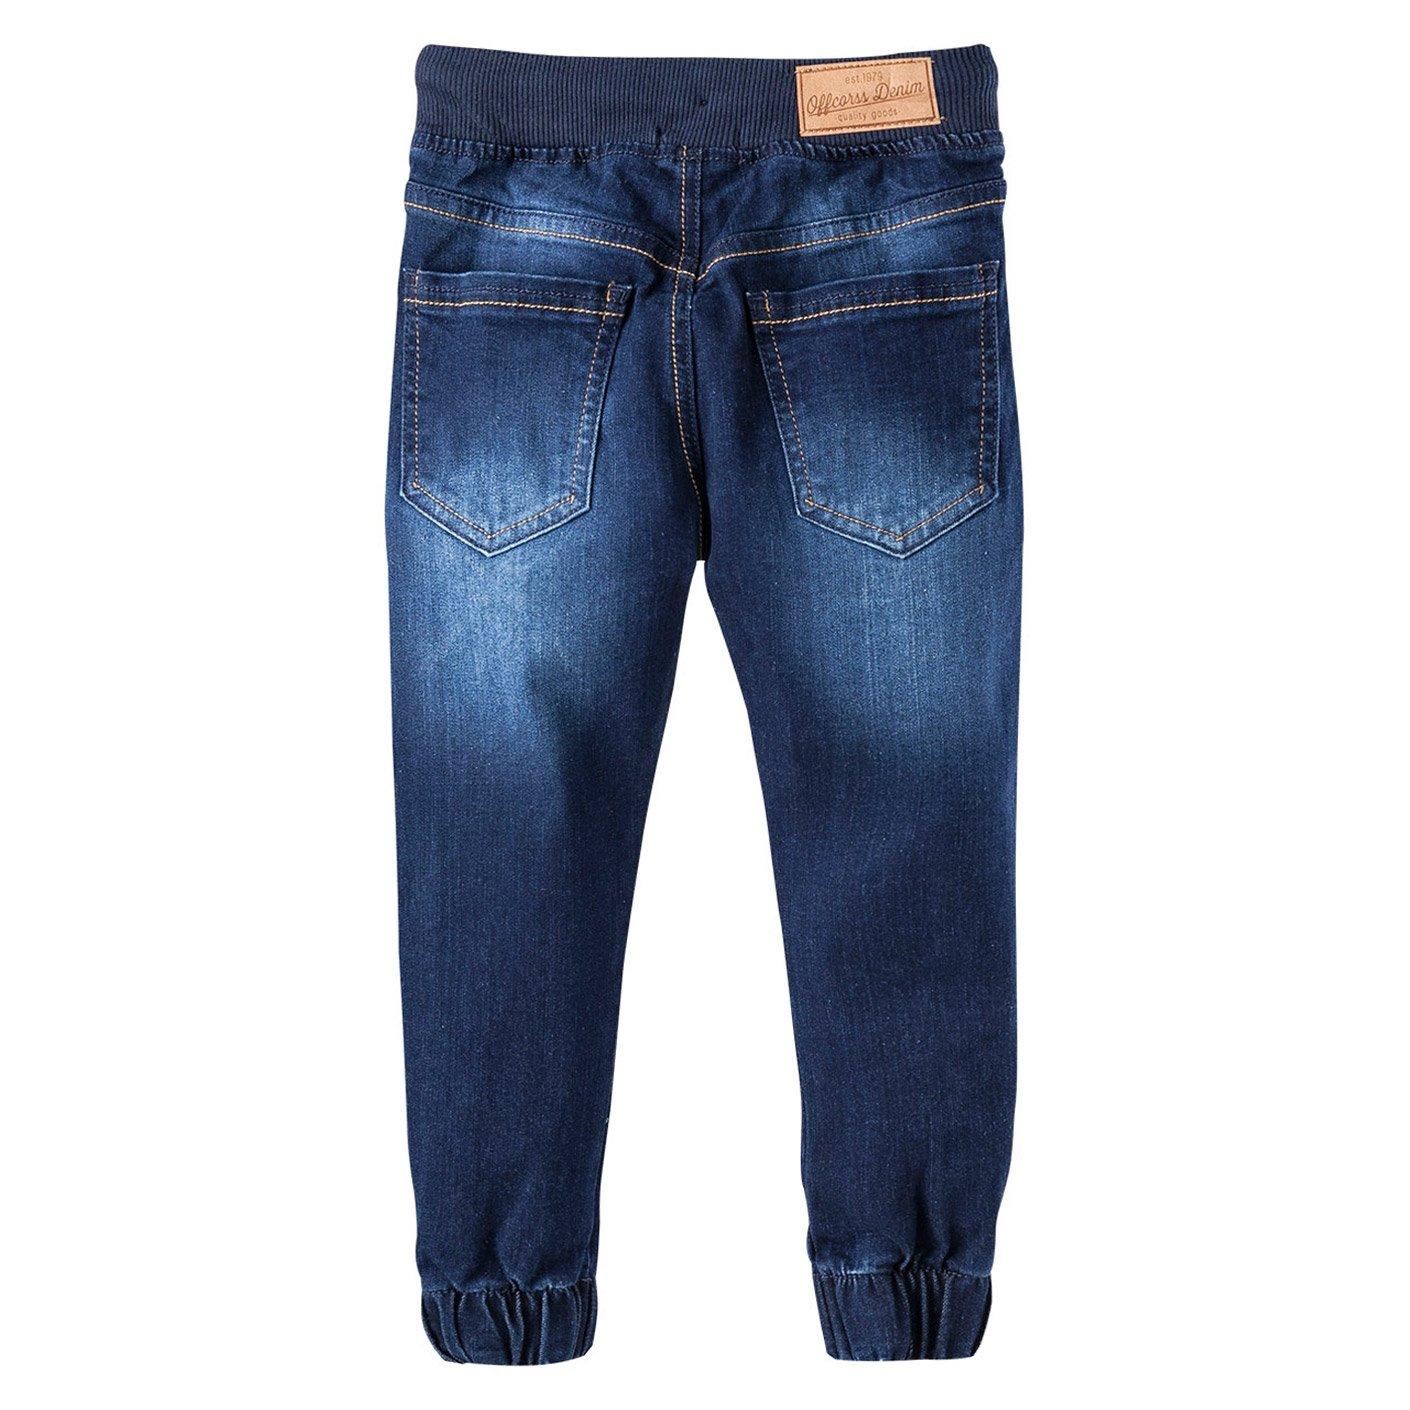 e08883c92c551 OFFCORSS Boys Joggers Cotton Sweatpants